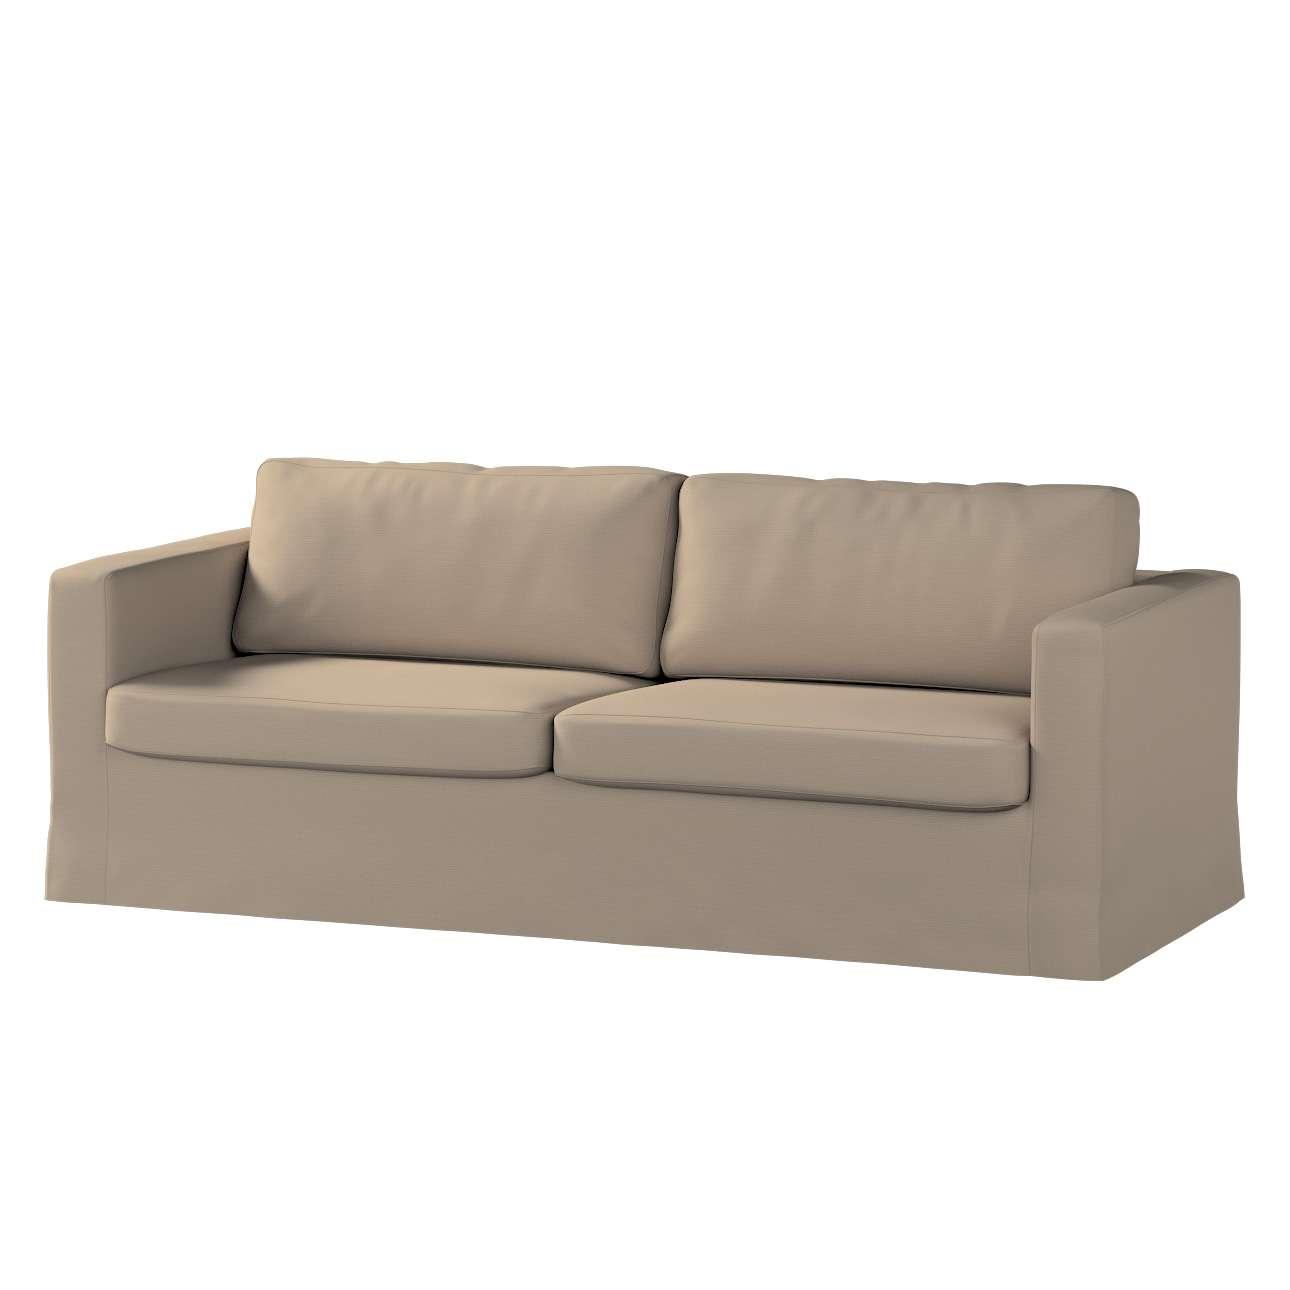 Karlstad trivietės sofos užvalkalas (ilgas, iki žemės) Karlstad trivietės sofos užvalkalas (ilgas, iki žemės) kolekcijoje Cotton Panama, audinys: 702-28